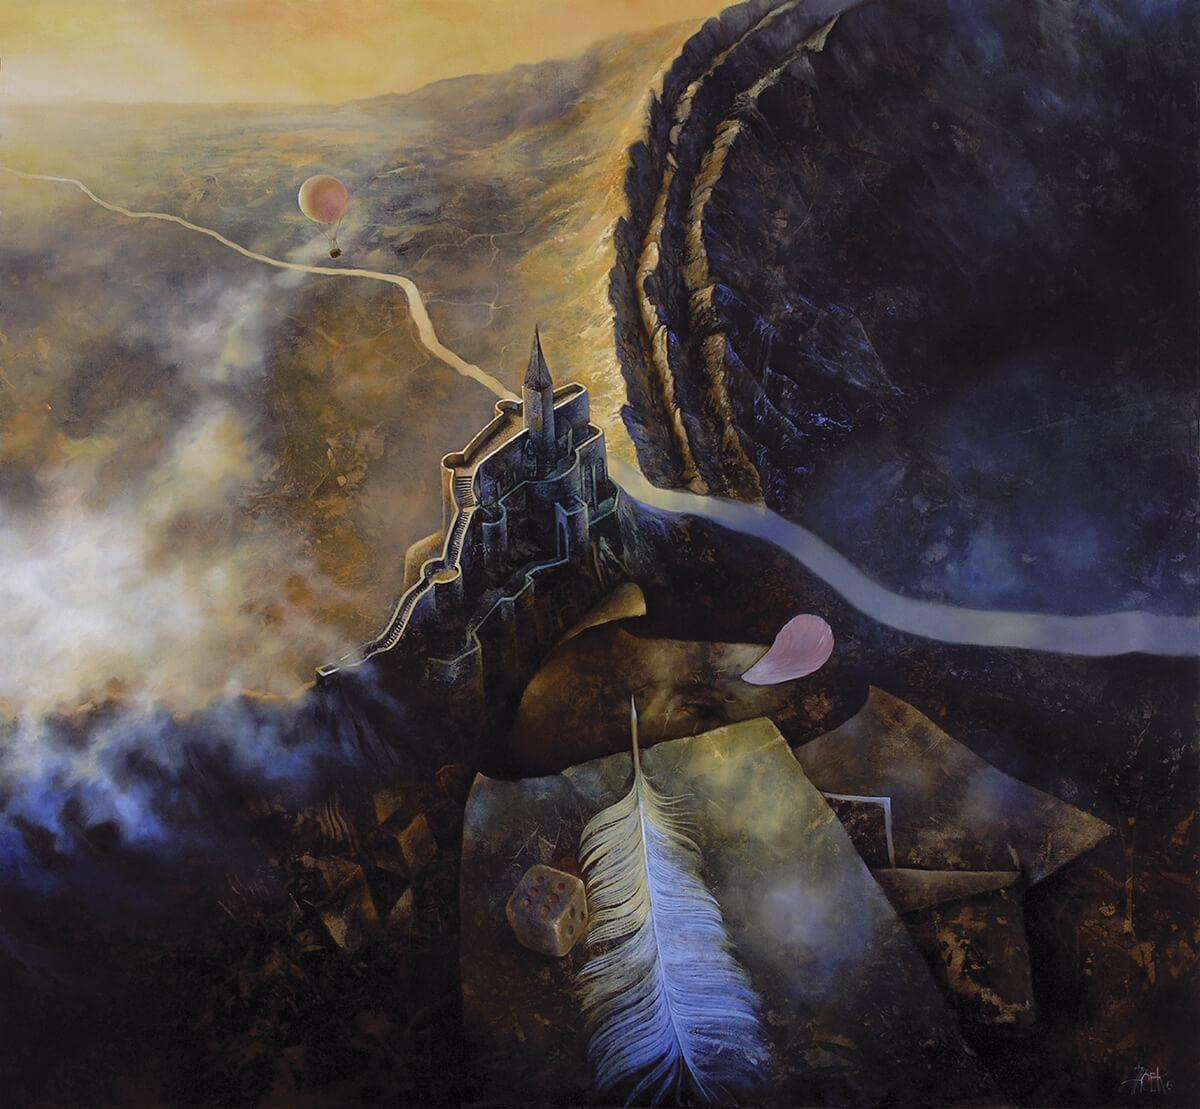 oil on masonite, 95 x 87 cm, 2006